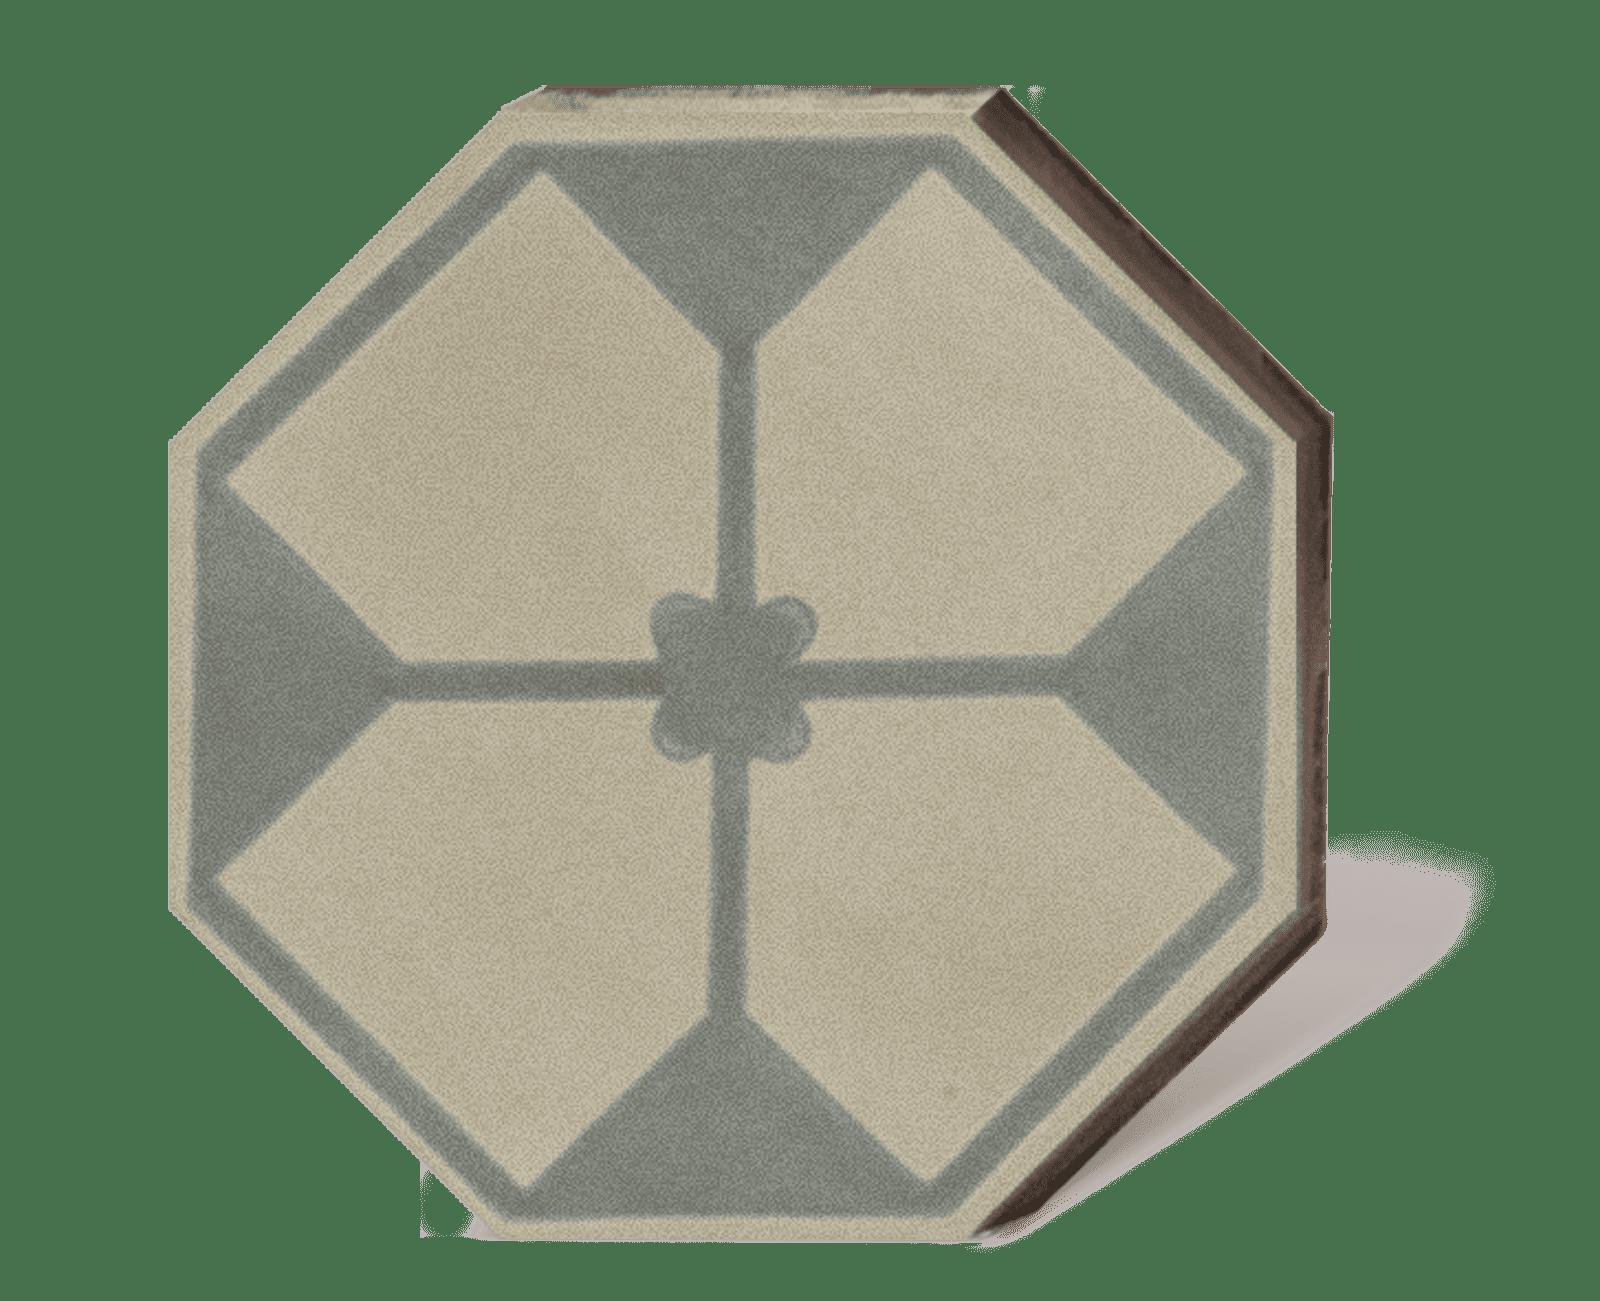 zementmosaikfliesen-nr.51027-viaplatten